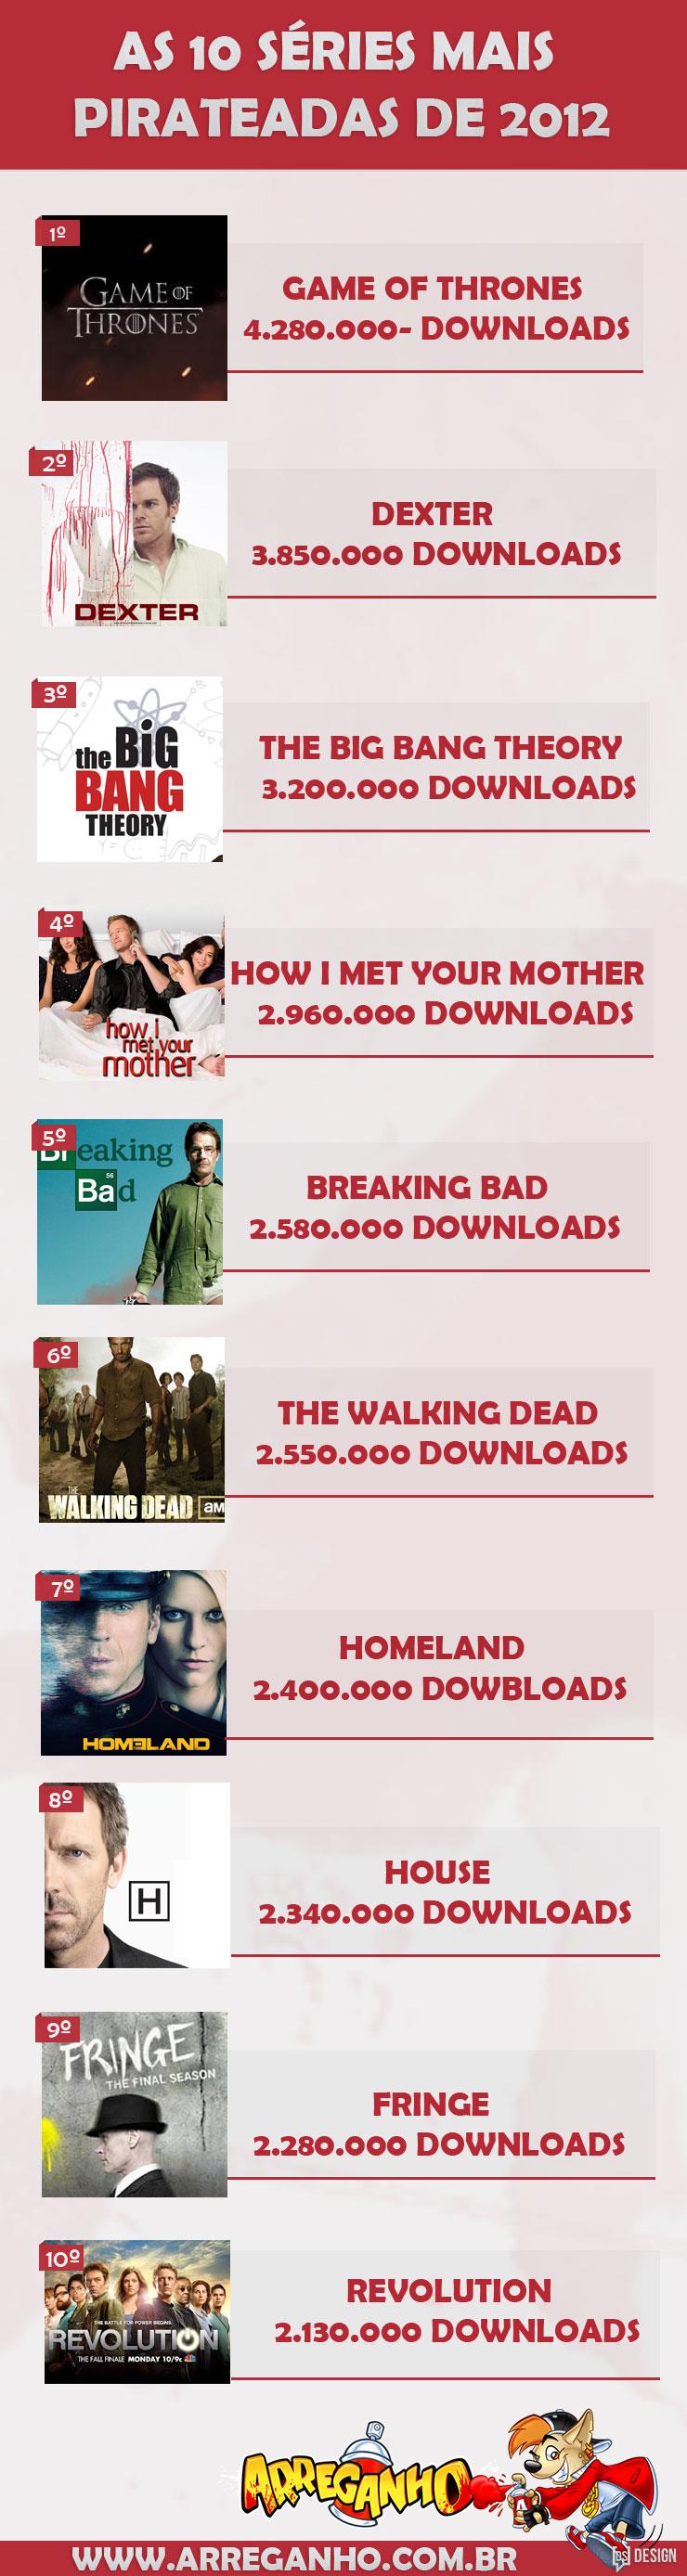 As 10 Séries Mais Pirateadas nos EUA em 2012